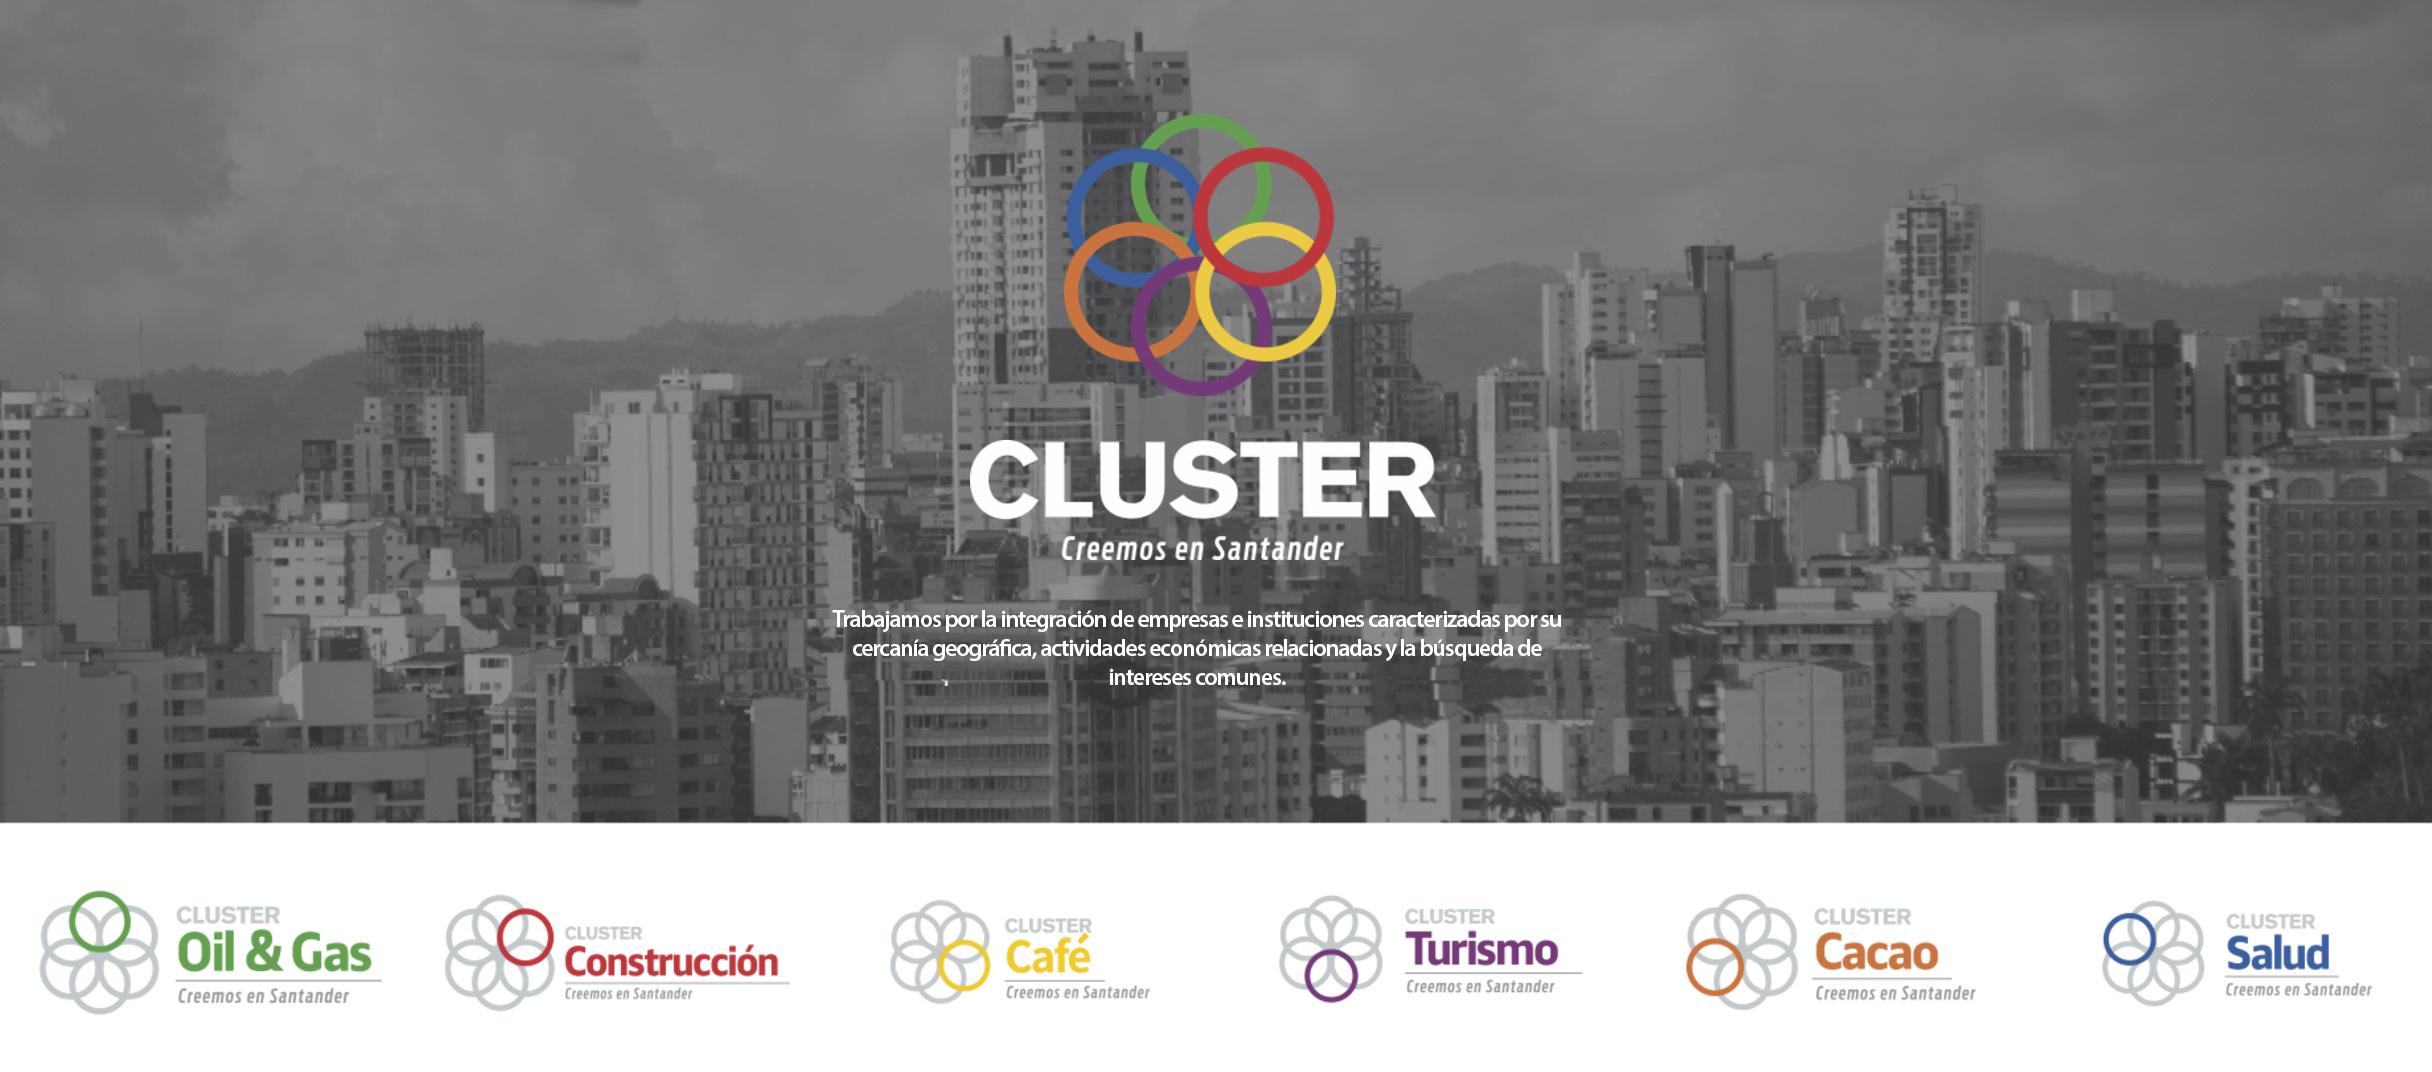 programas para empresas en desarrollo (cluster) - Estrategia cluster